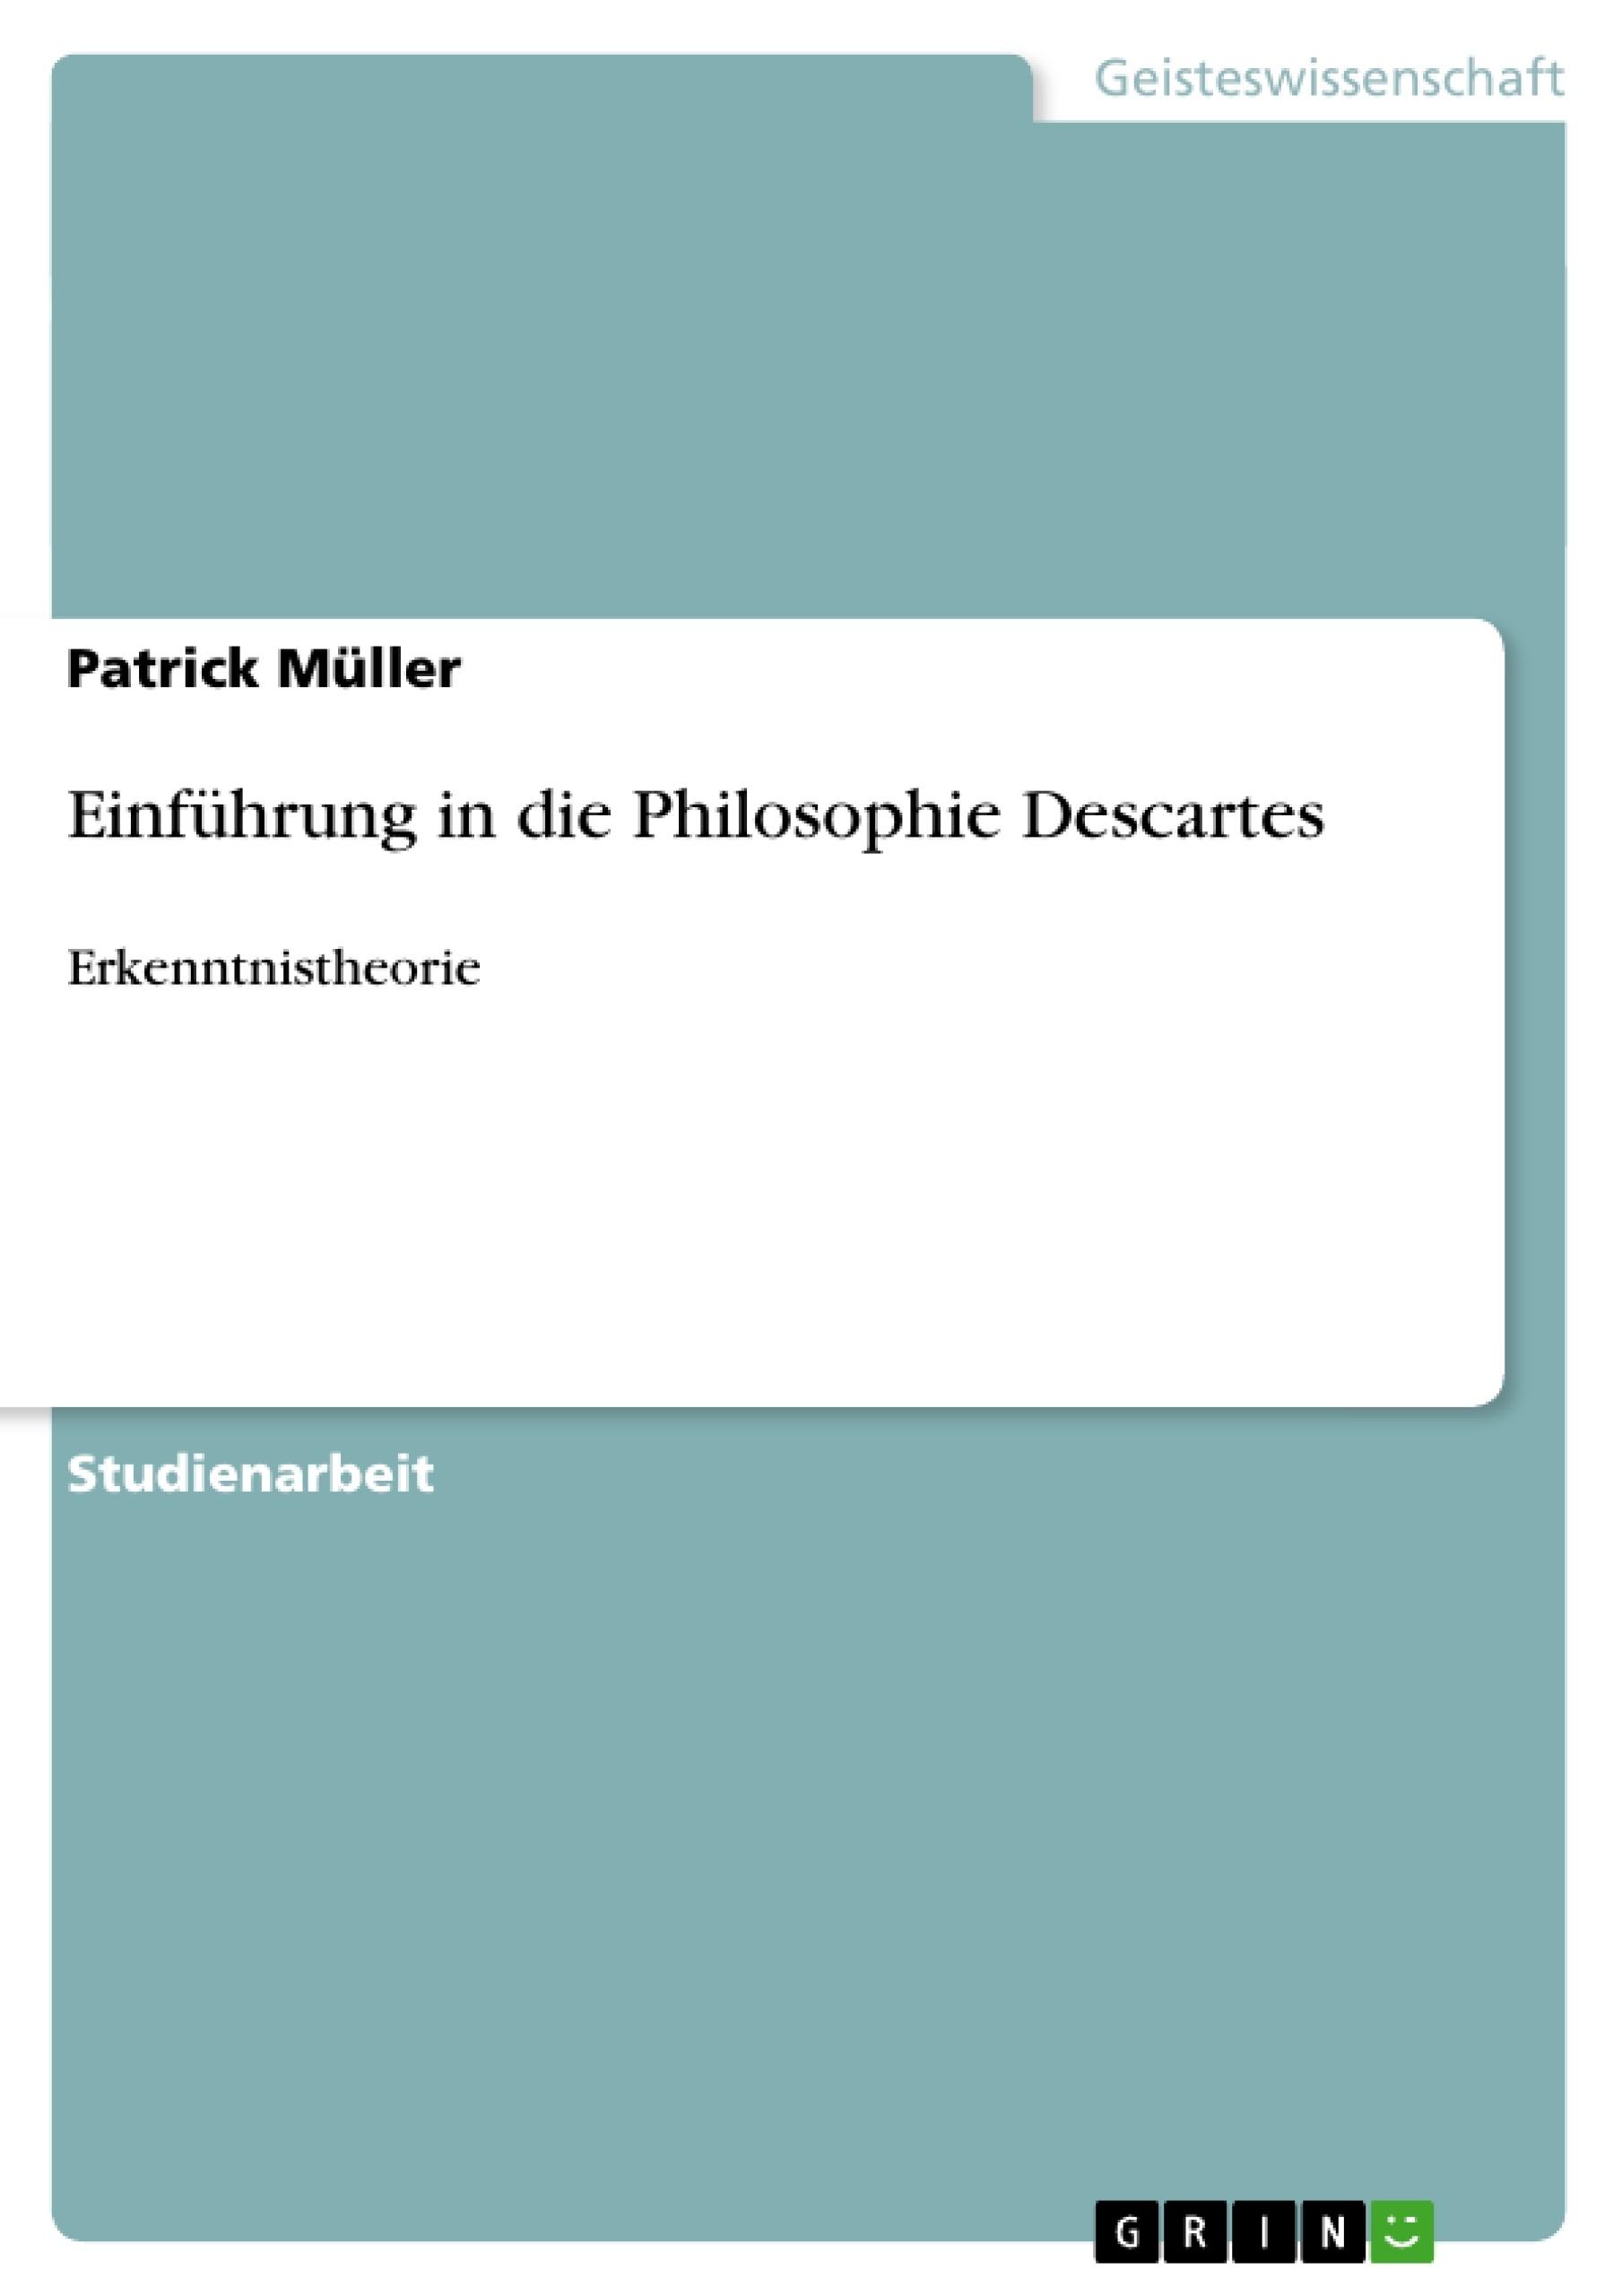 Titel: Einführung in die Philosophie Descartes